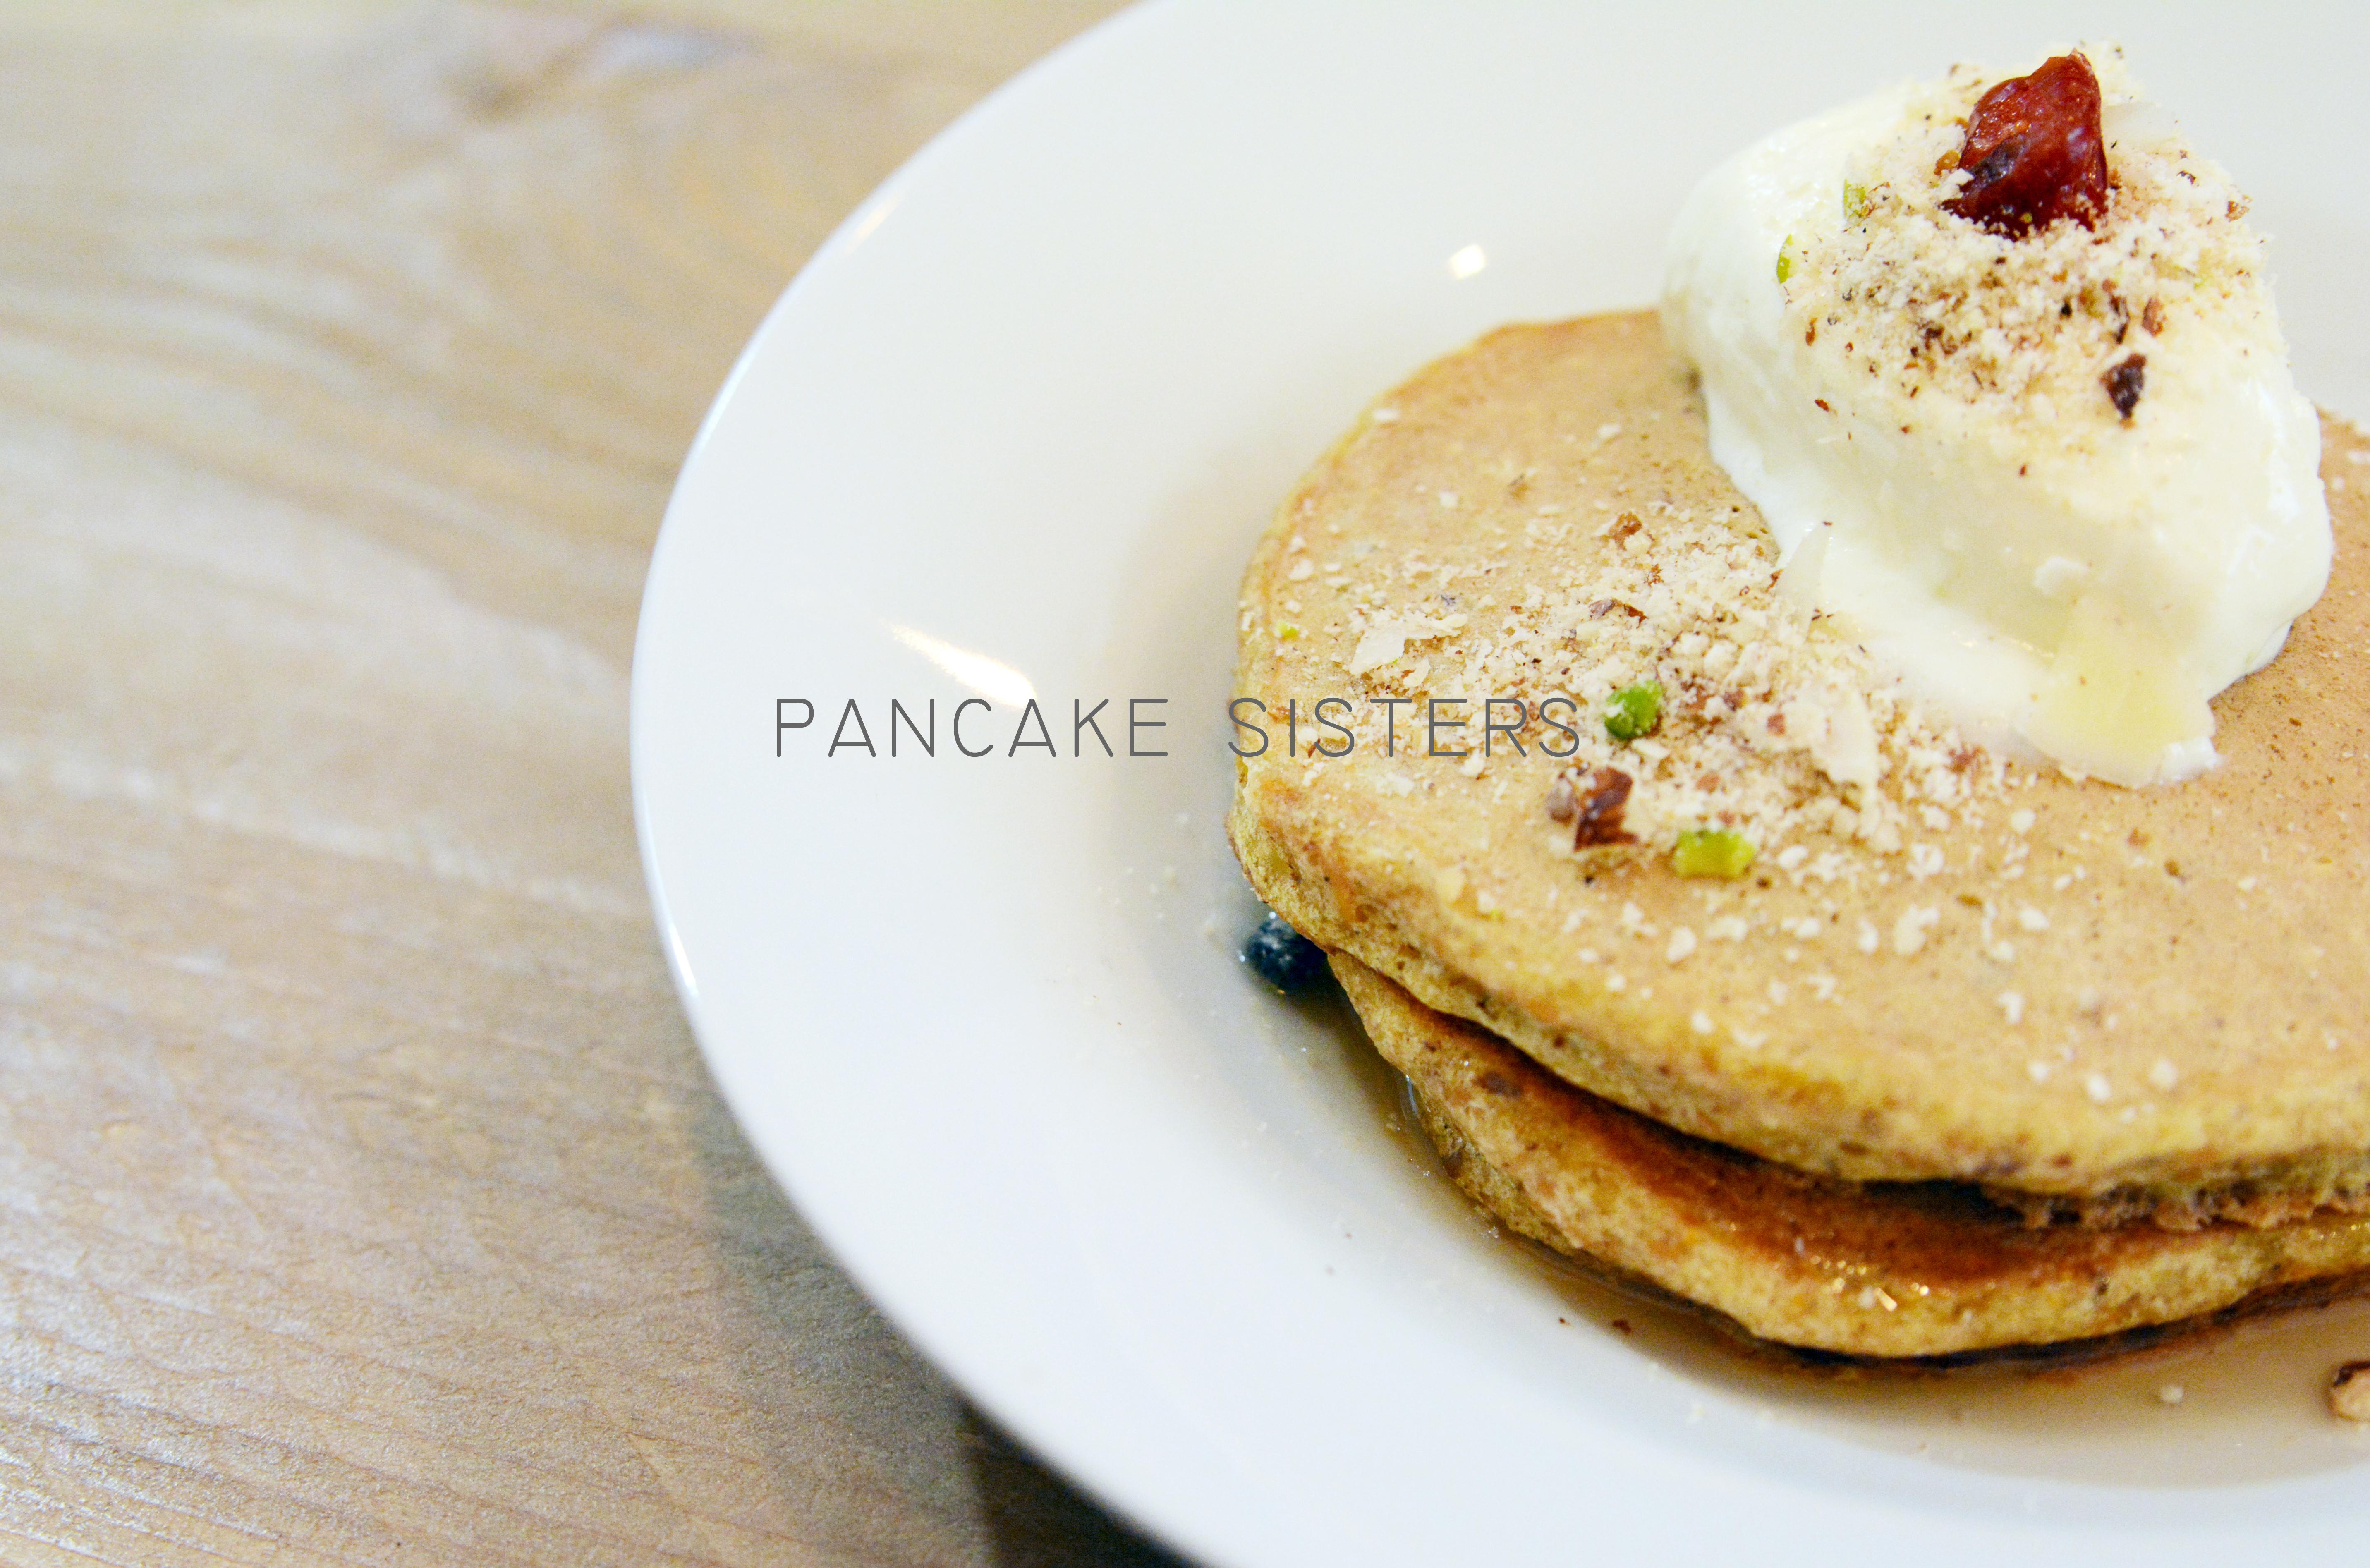 pancake-sisters-paris-rue-lucien-sampaix-by-le-polyedre_visuel